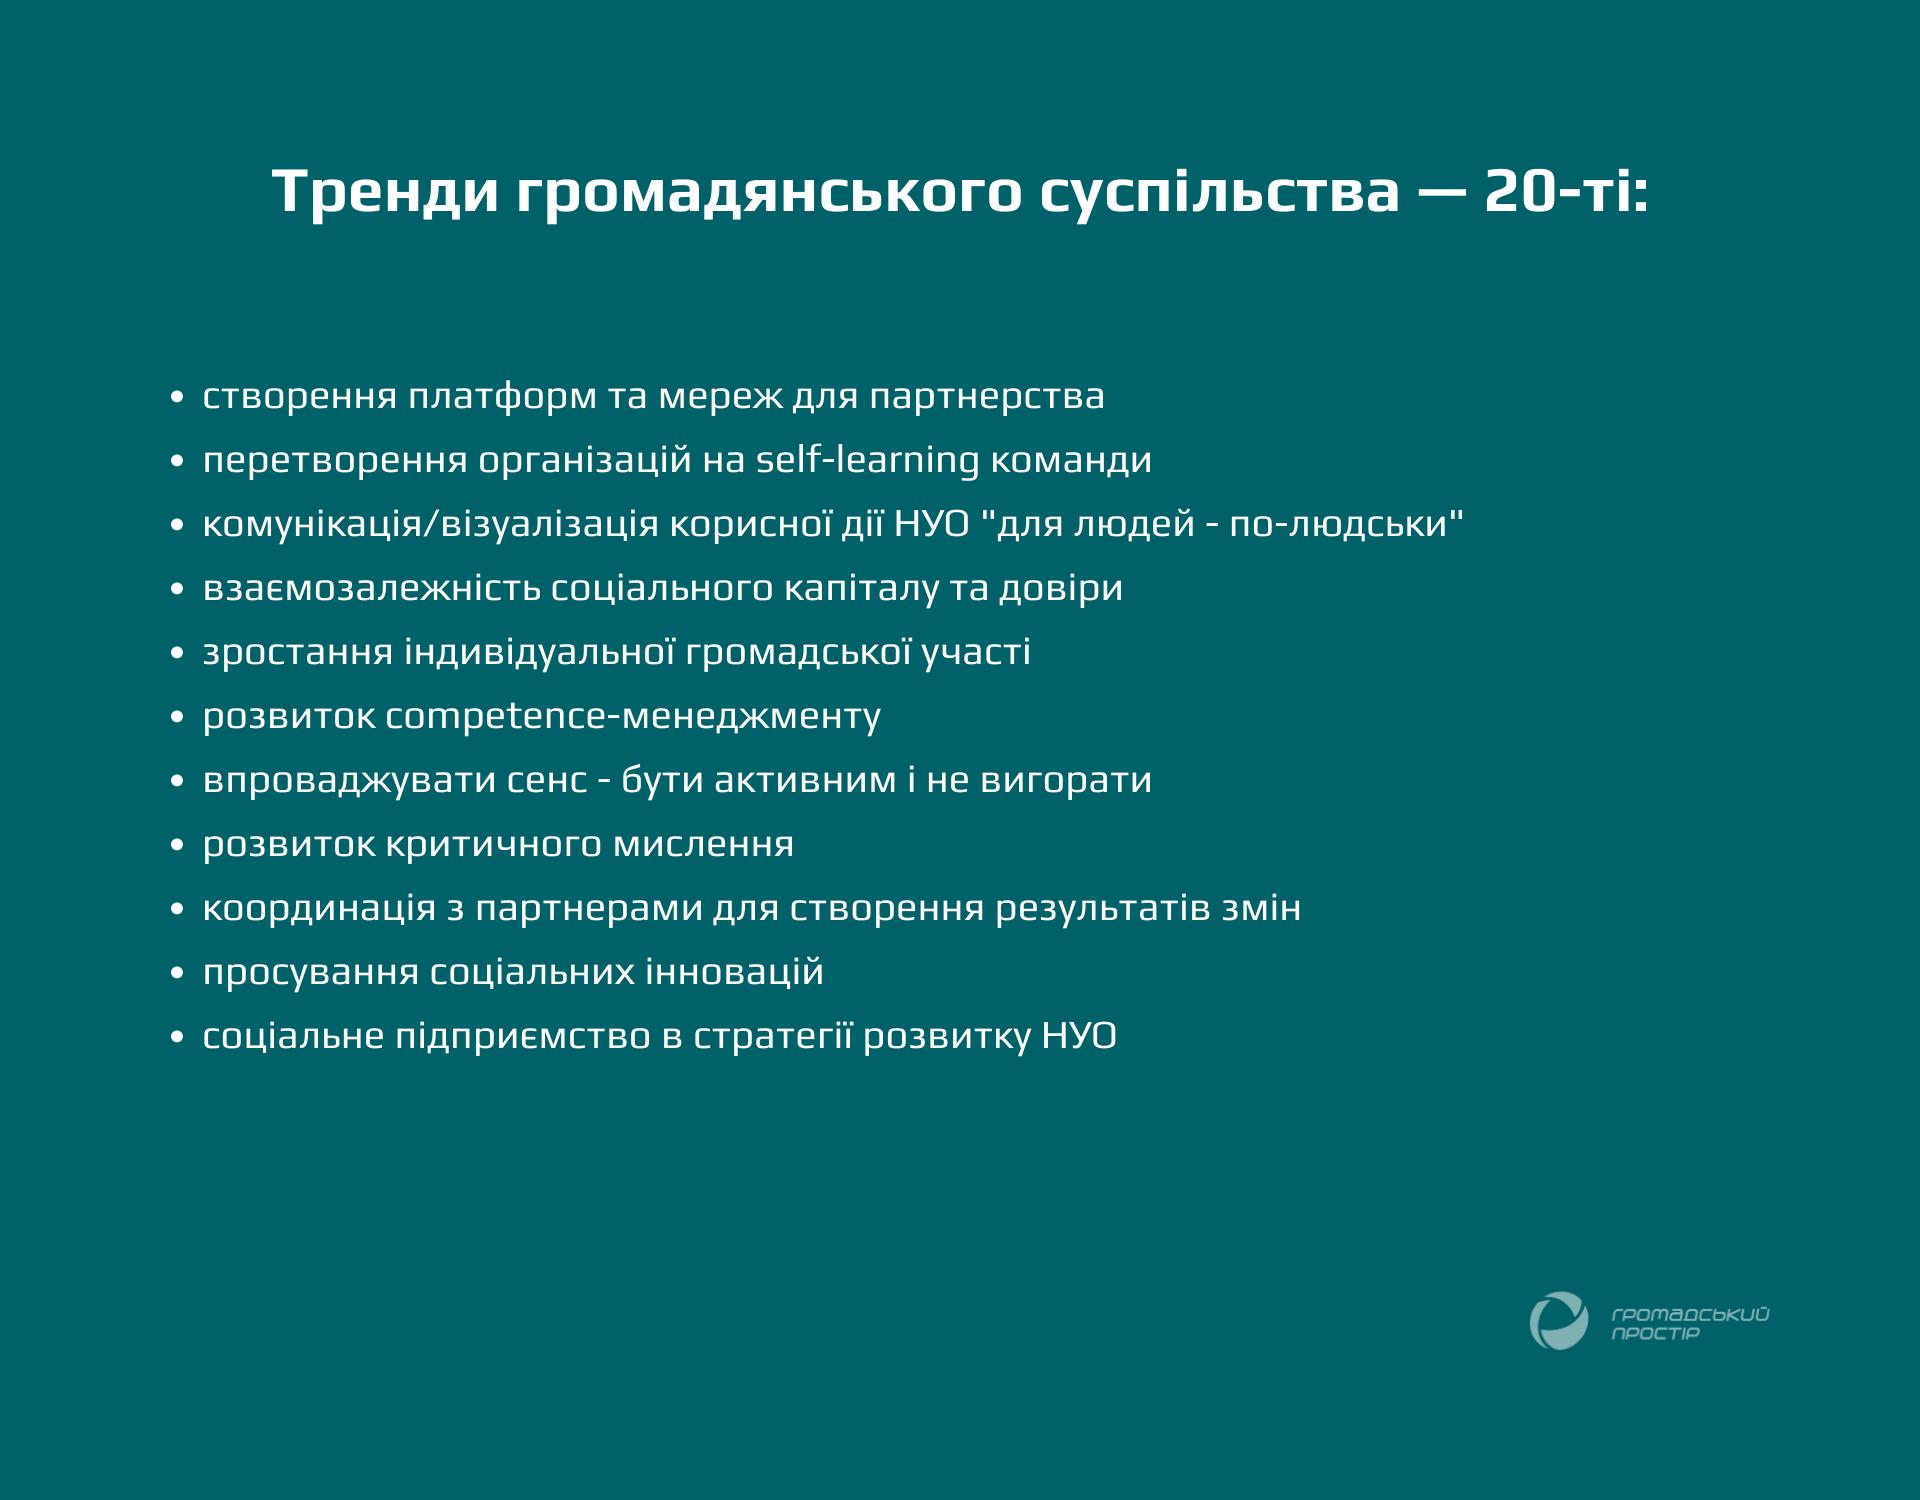 NGO_trends_2019_ (2)